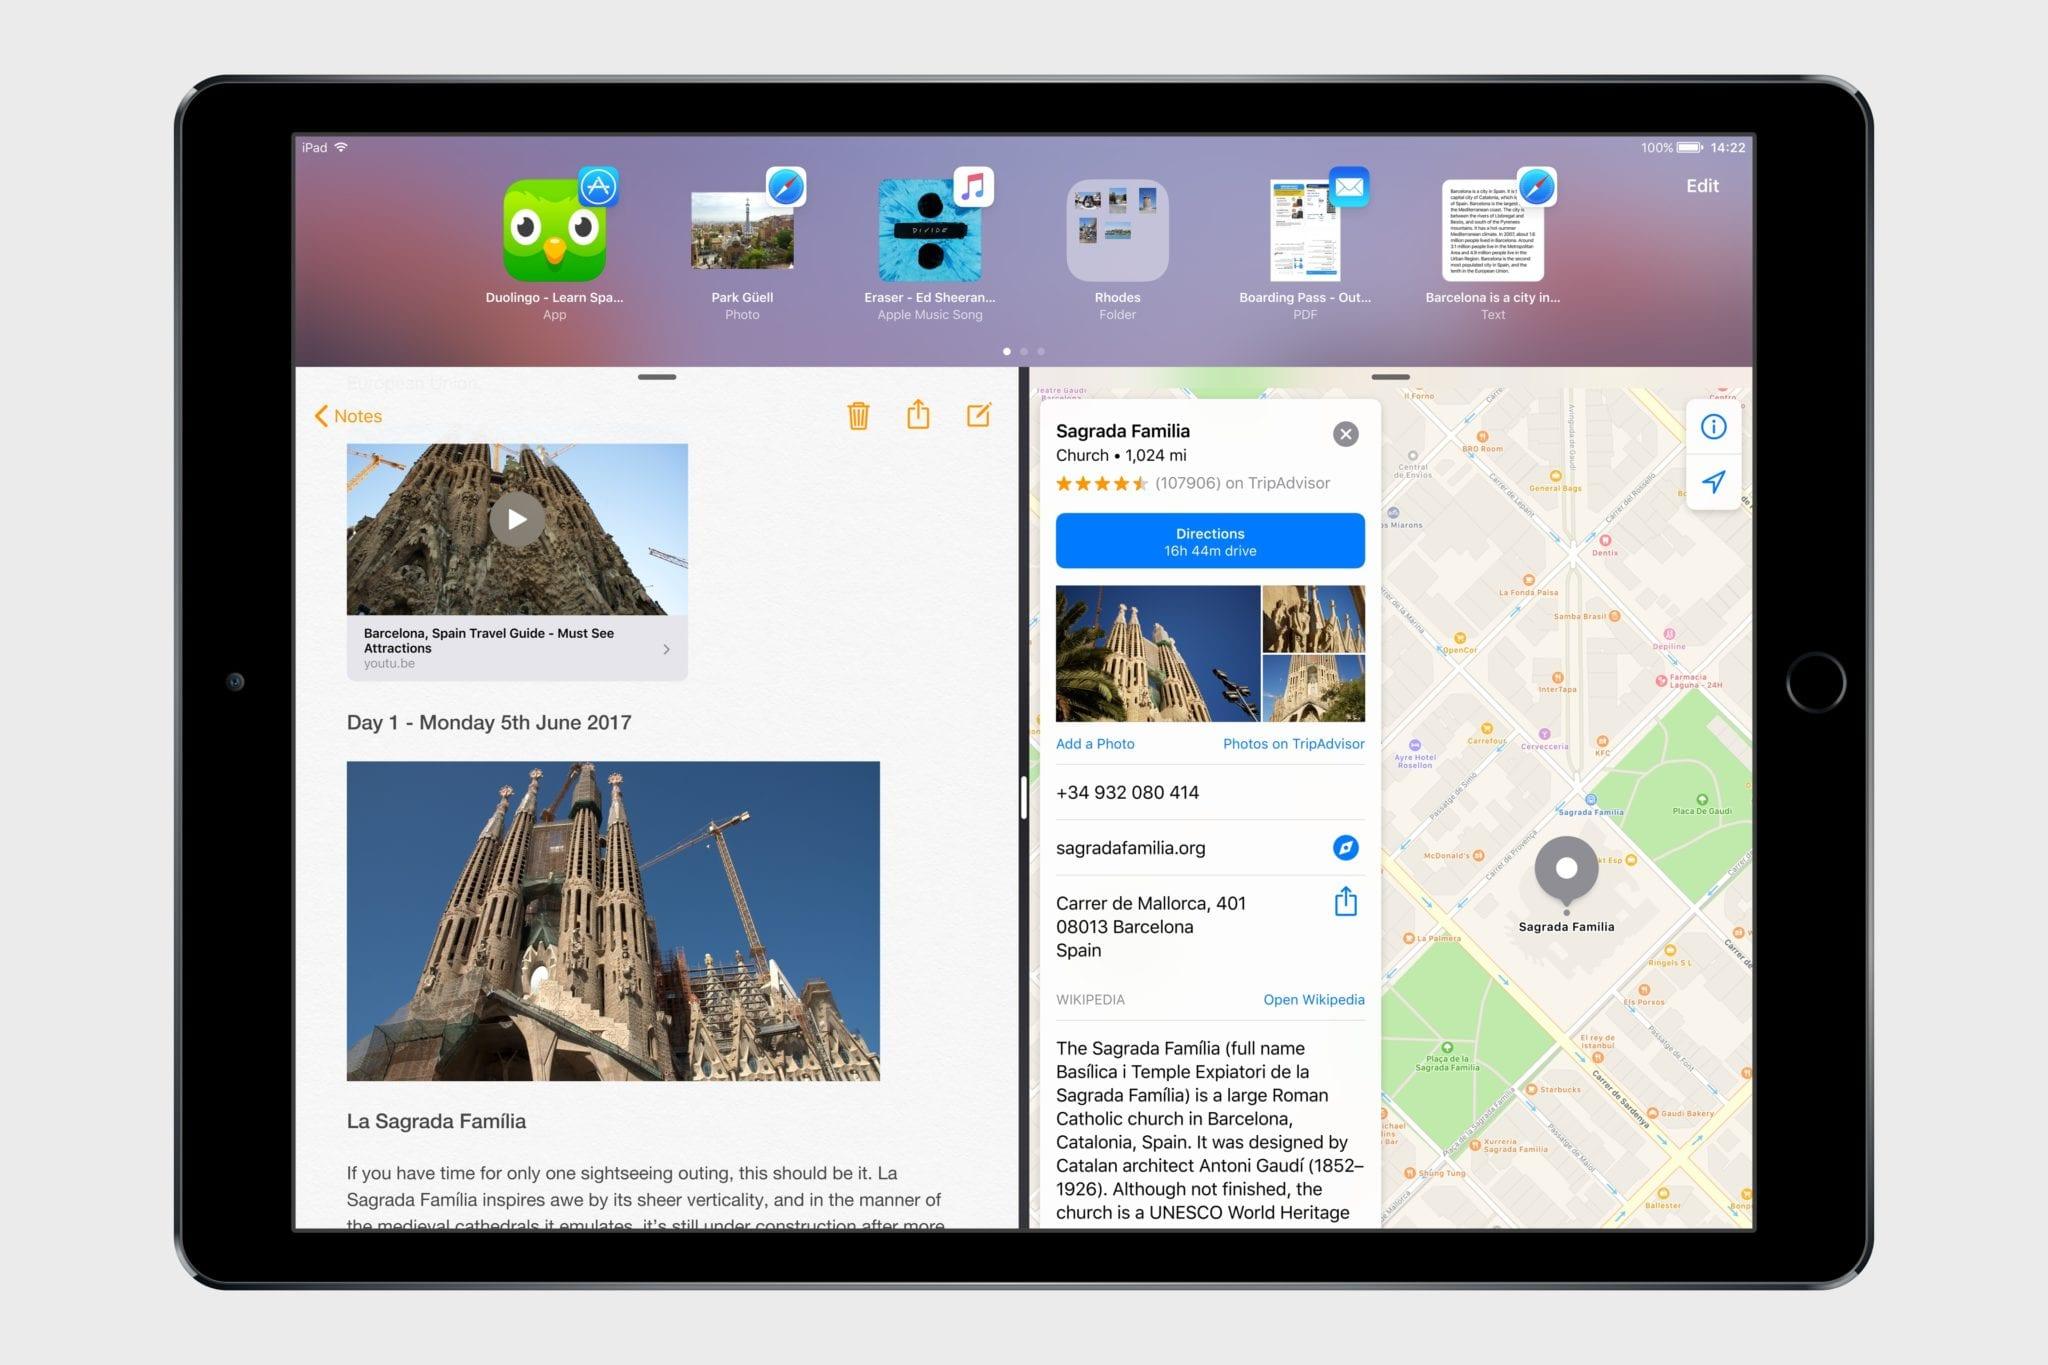 ios 11 concept macstories4 - Koncept: iOS 11 s Drag and Drop a novými funkciami pre iPad